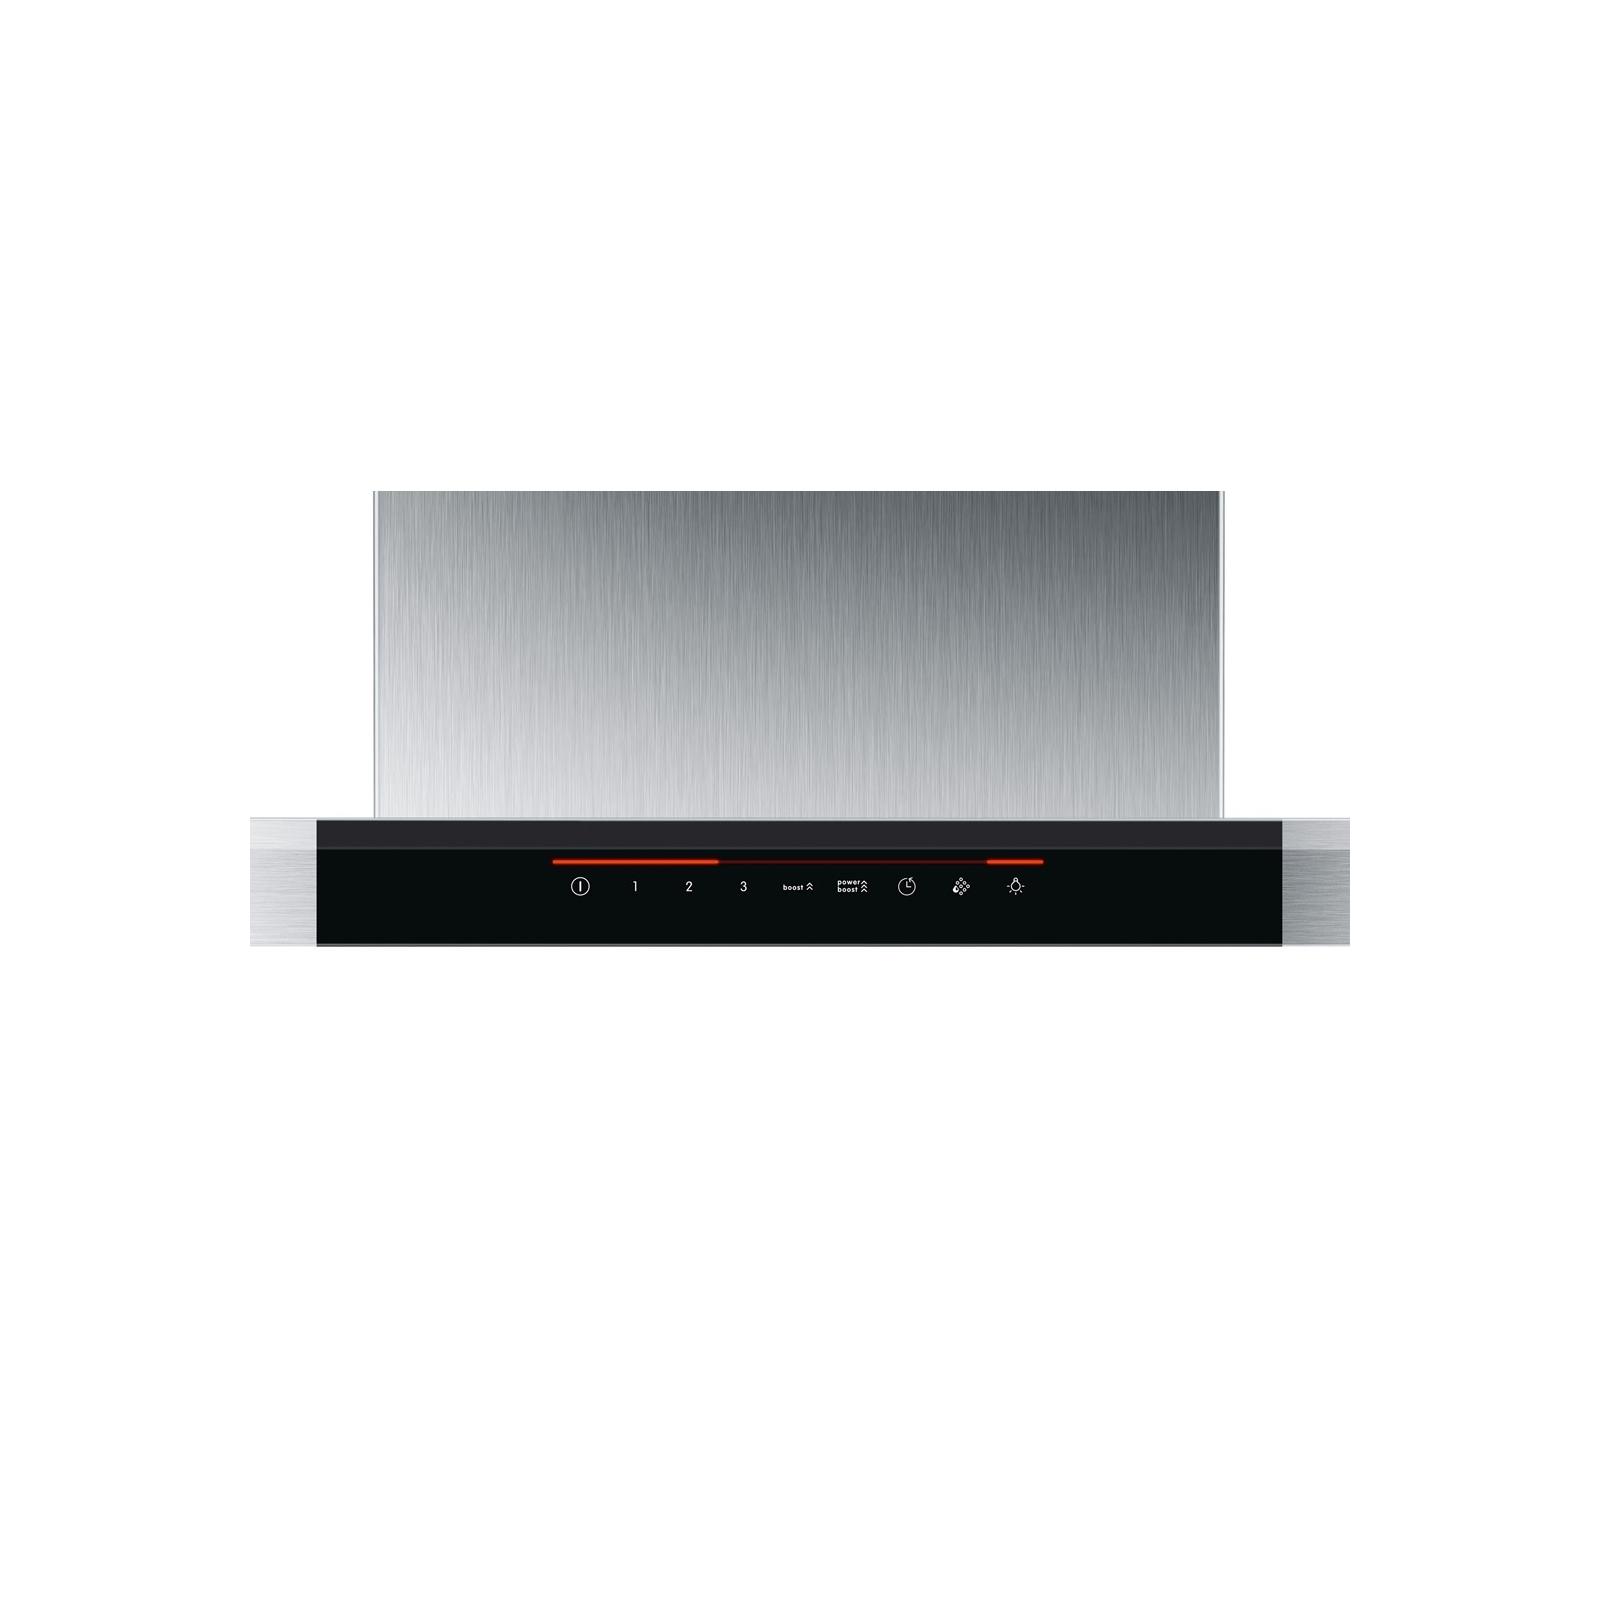 Вытяжка кухонная BOSCH DWB 097 J50 (DWB097J50) изображение 2